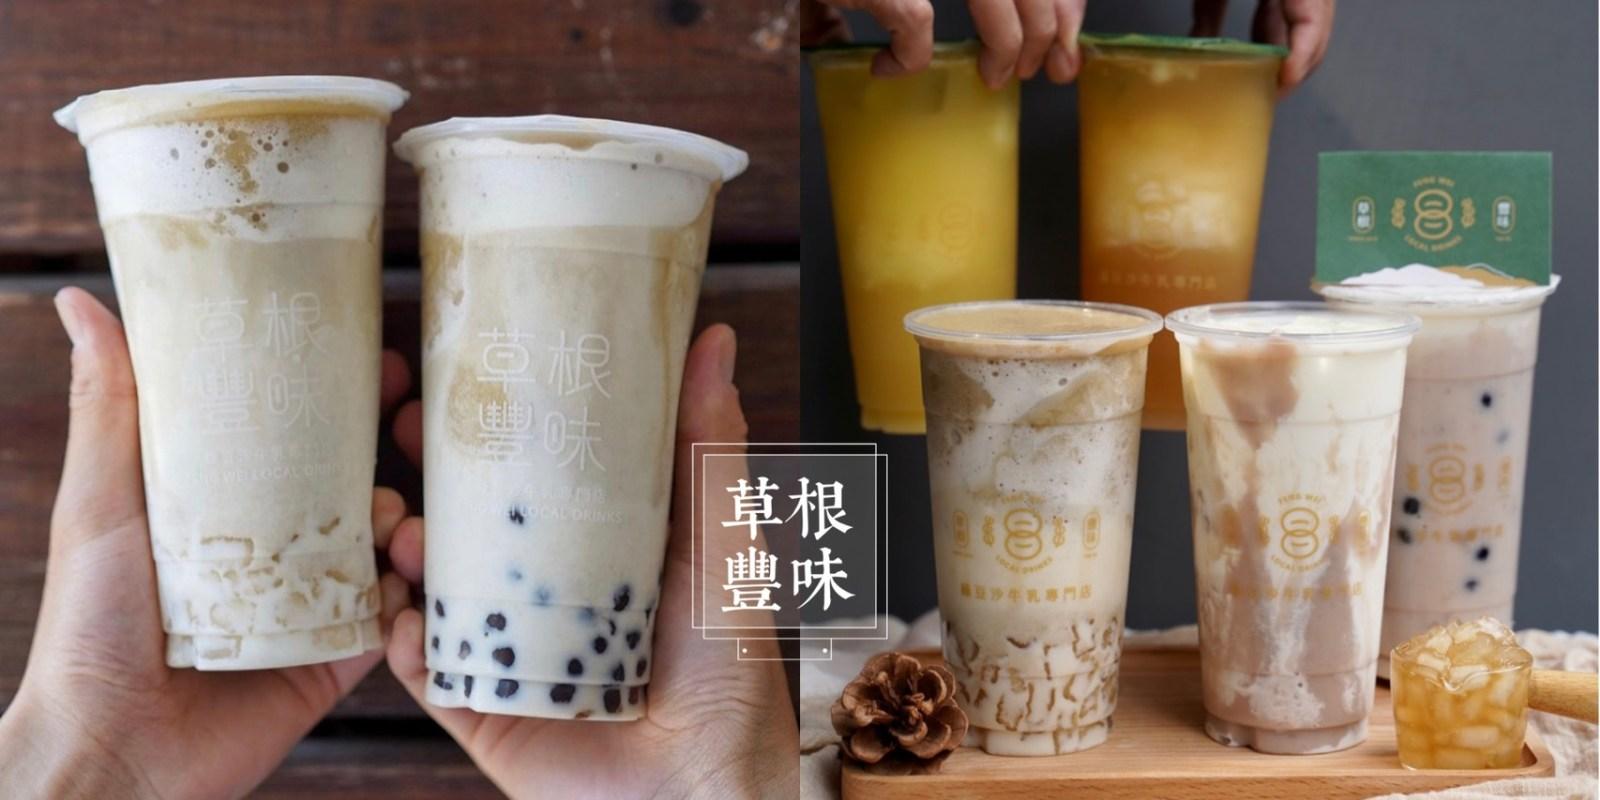 『草根豐味綠豆沙牛乳專門店』推出季節限定「大甲芋泥鮮奶」啦!還有順口好喝的香橙綠茶、檸檬楊桃也是大力推薦!